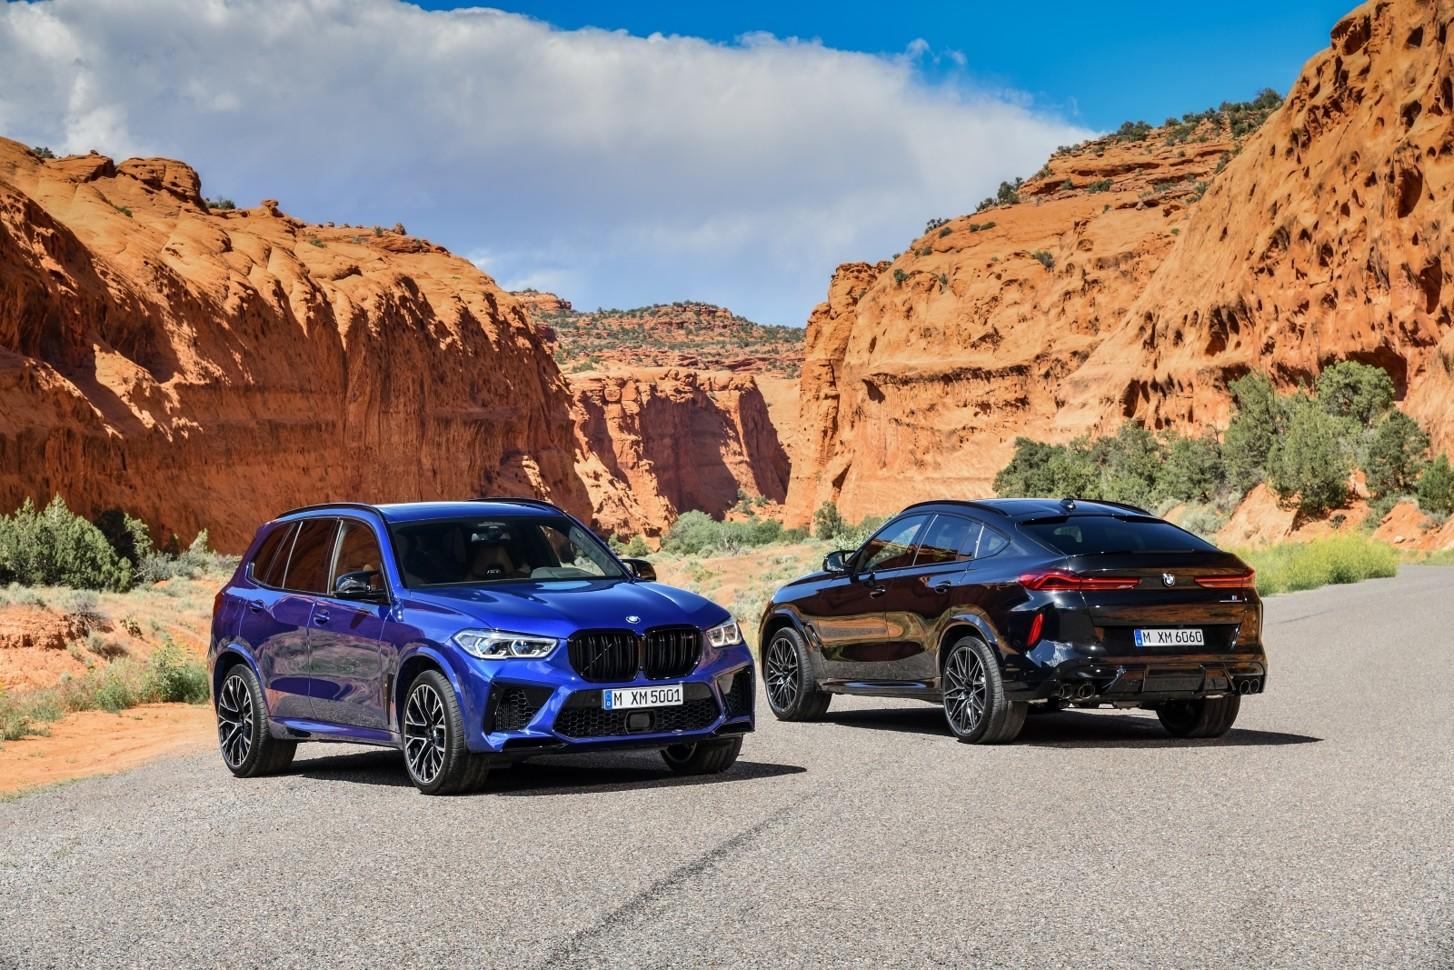 BMW показала спортивные версии X5 и X6